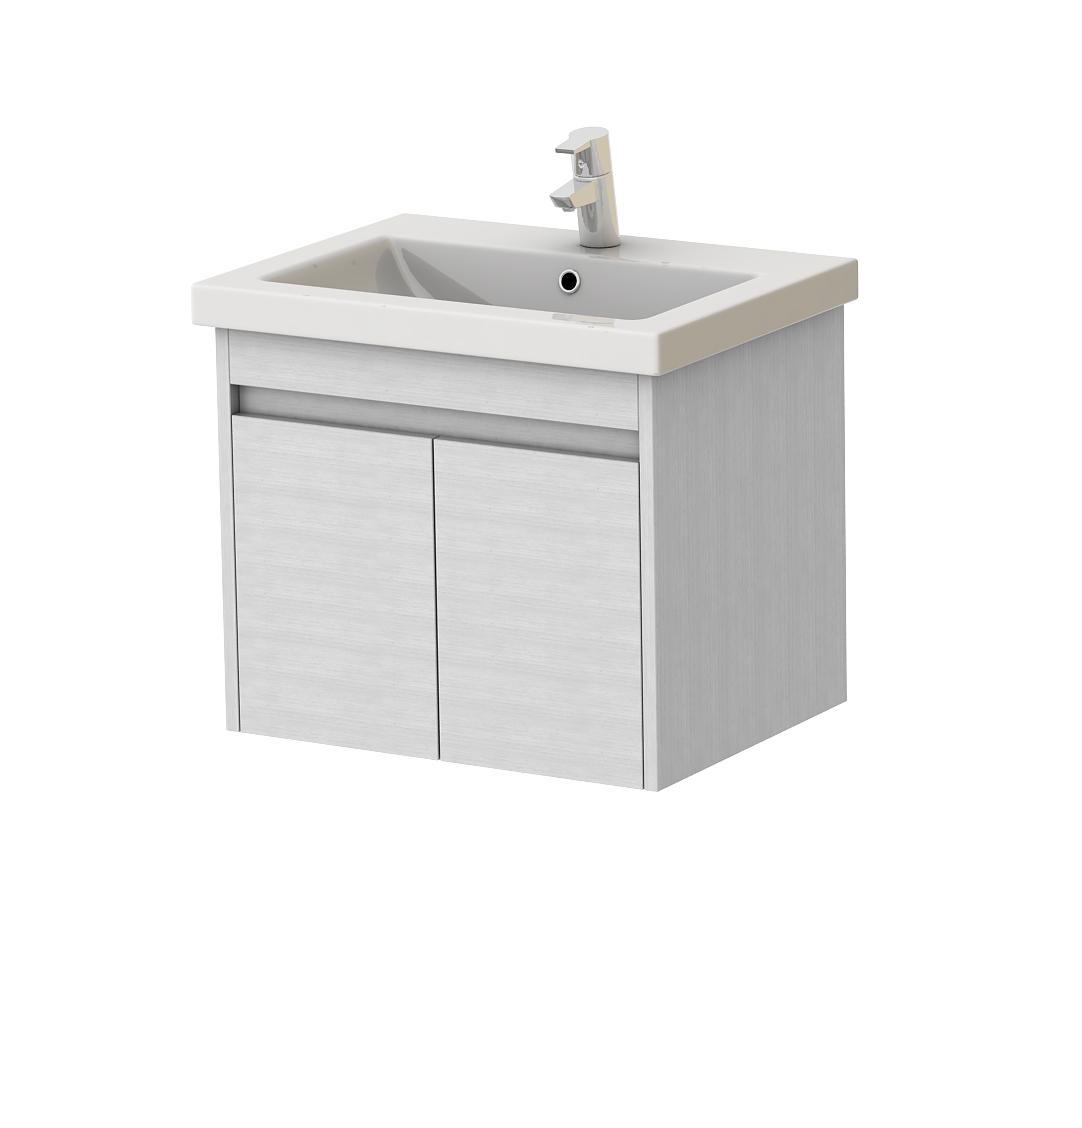 Koupelnová skříňka na stěnu s umyvadlem - Juventa - Ravenna - Rv-60 (bílá)